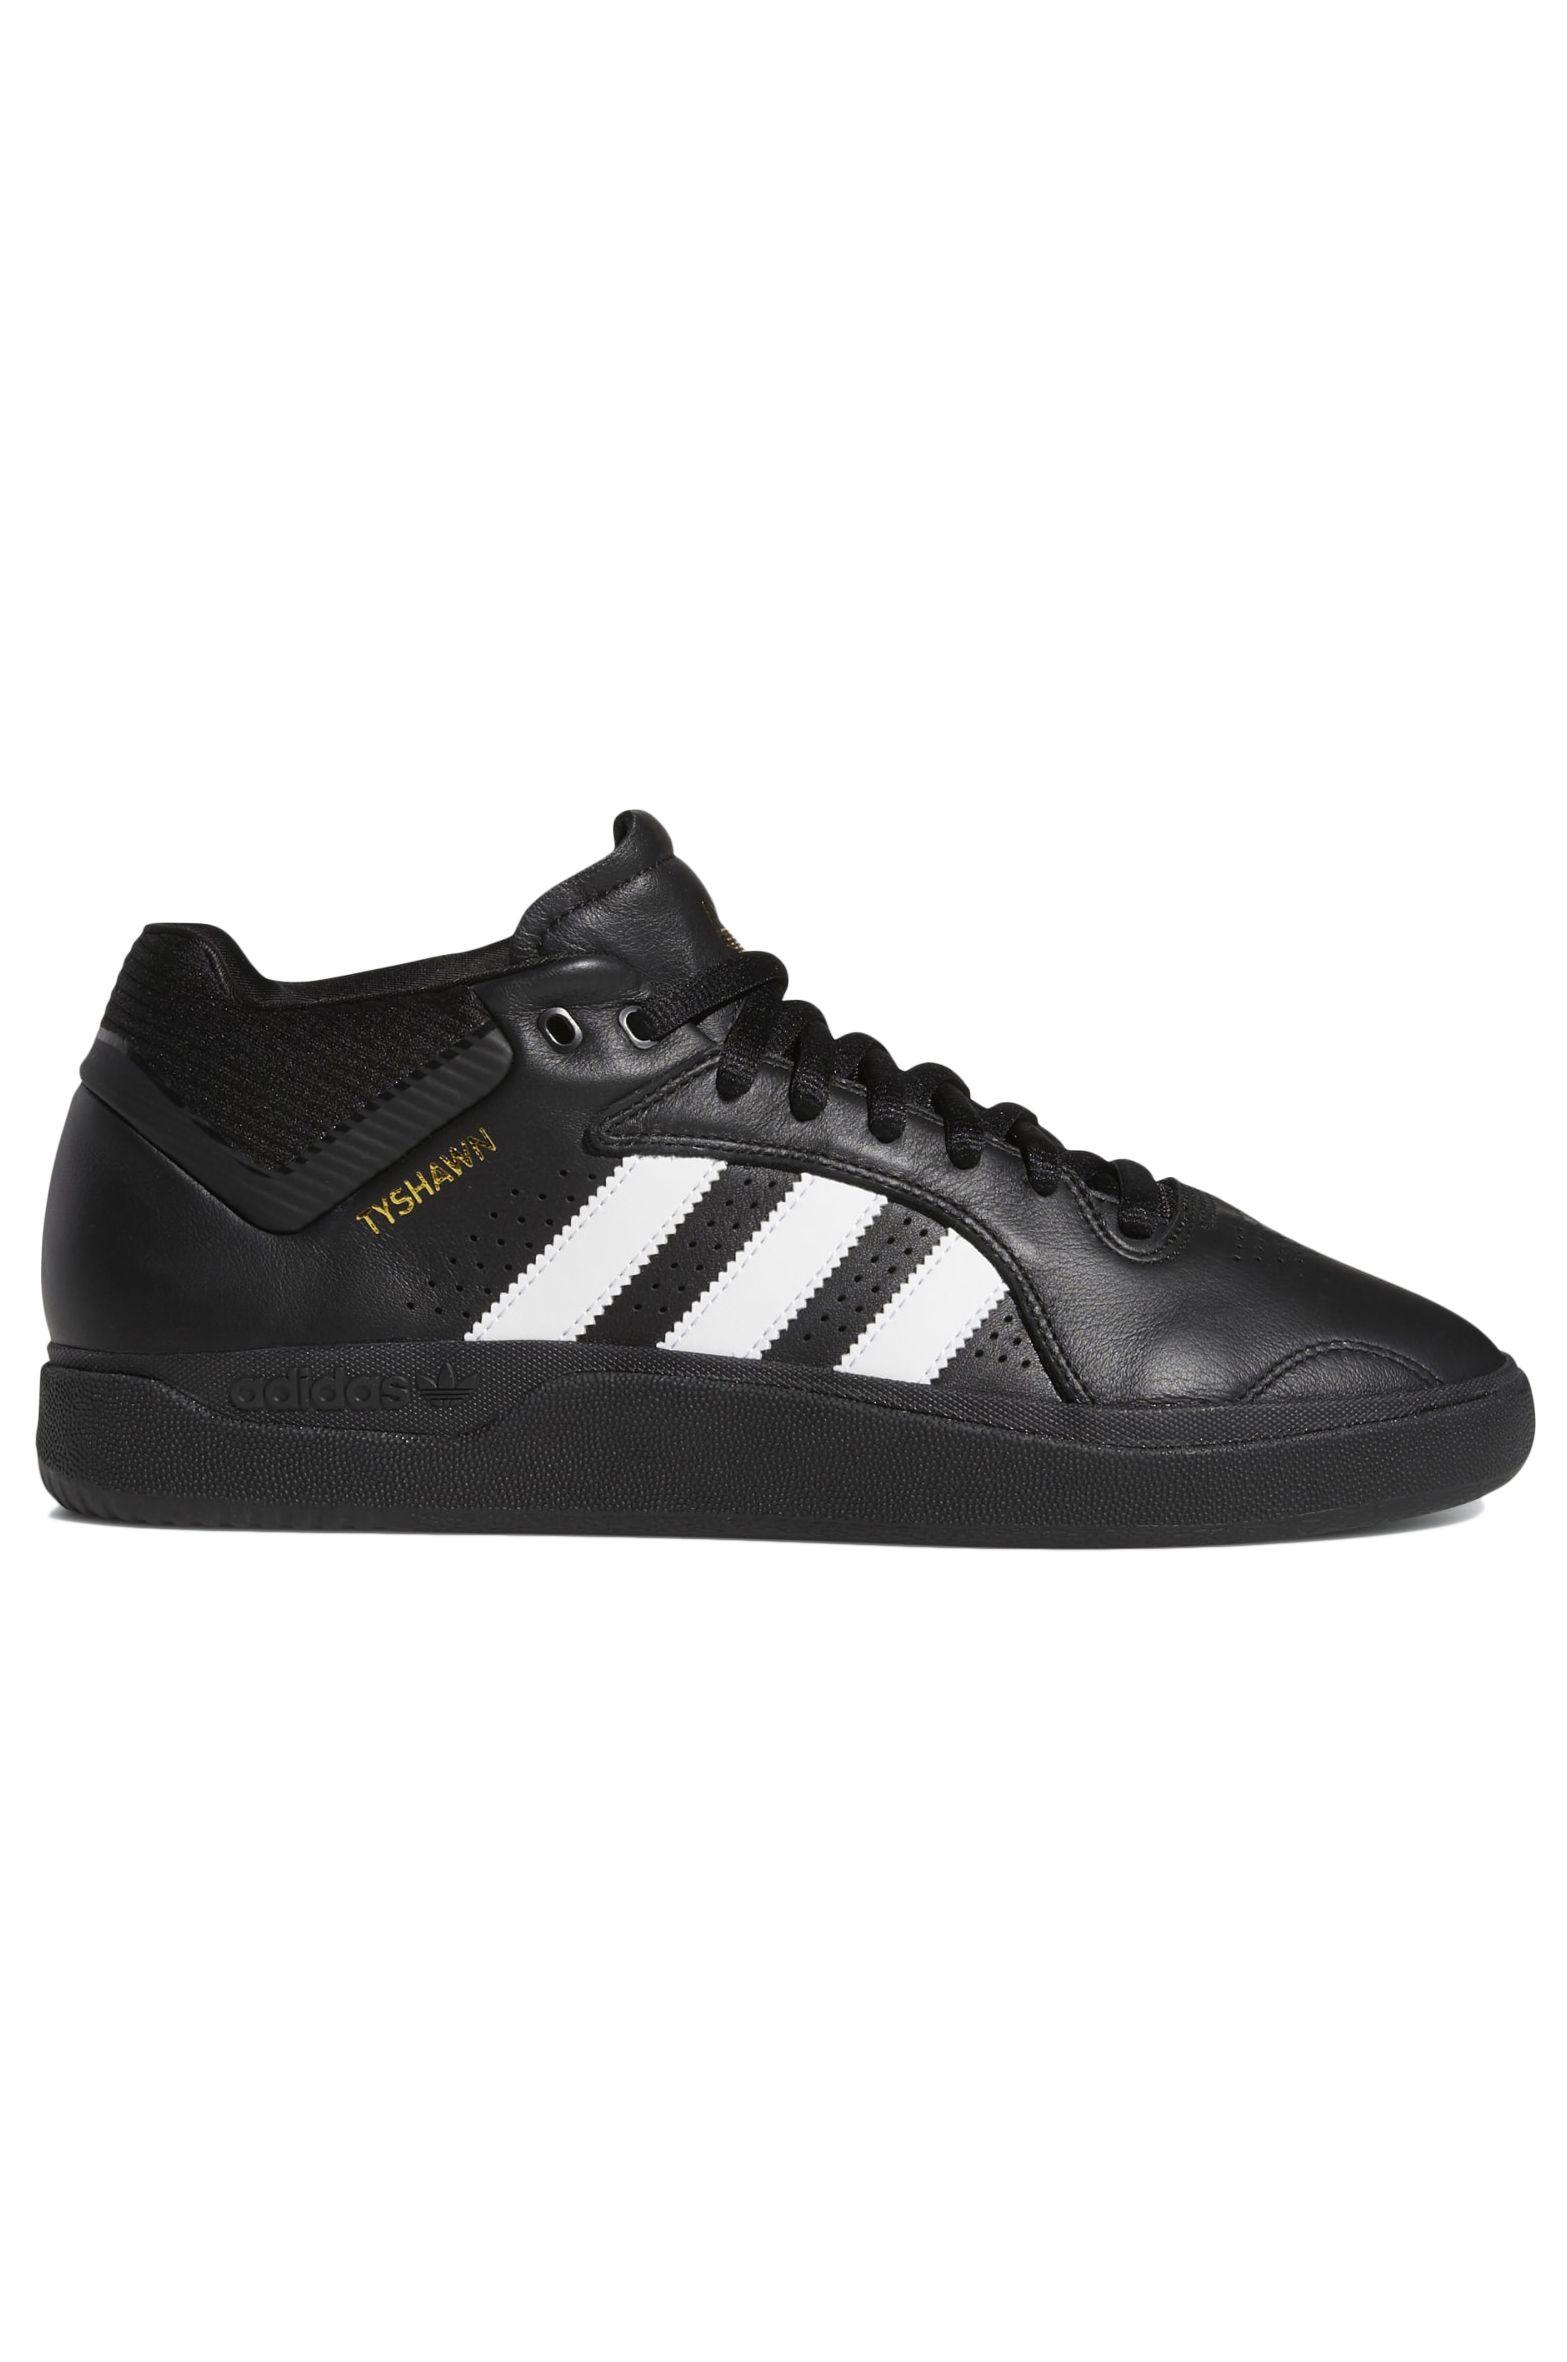 Adidas Shoes TYSHAWN Cblack/Ftwwht/Cblack